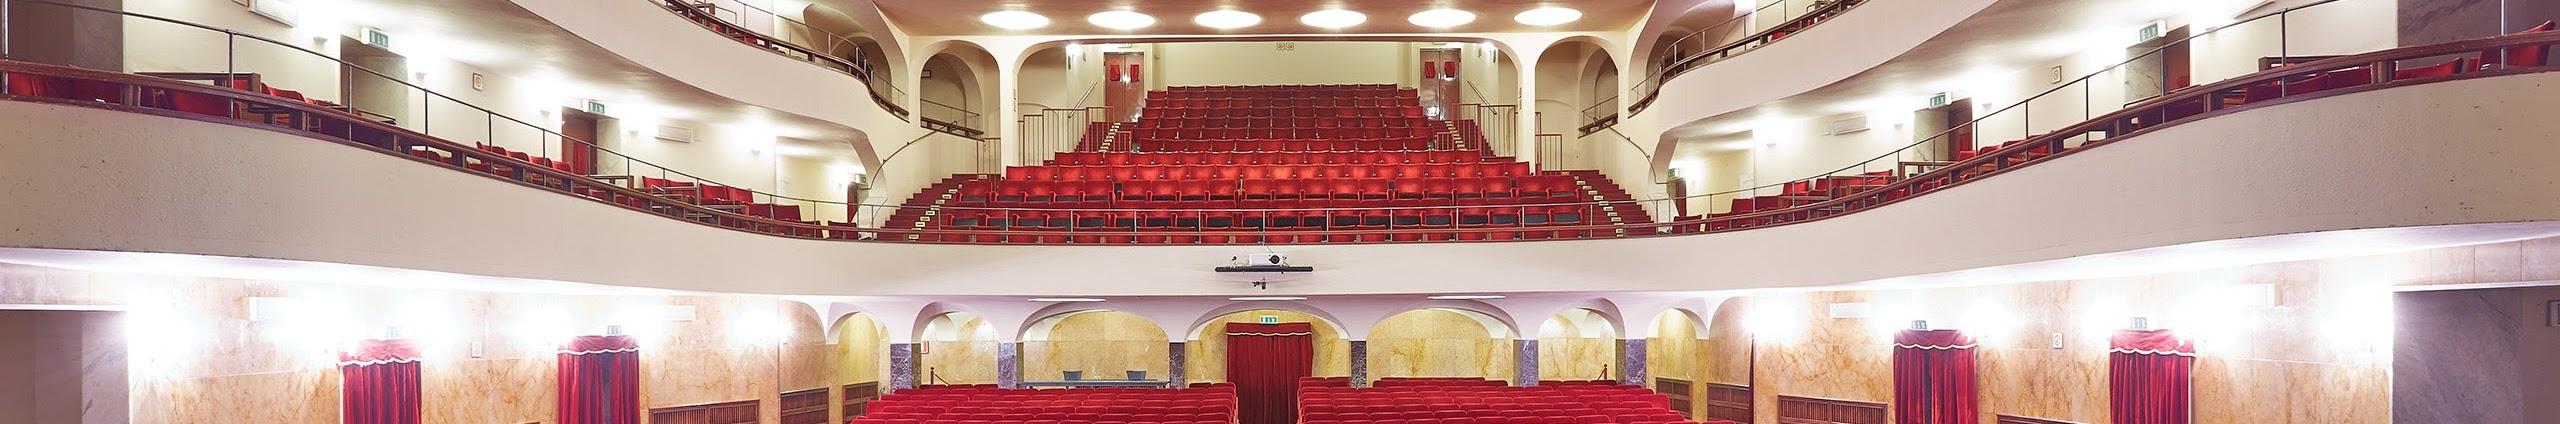 Teatro Duse Bologna Youtube